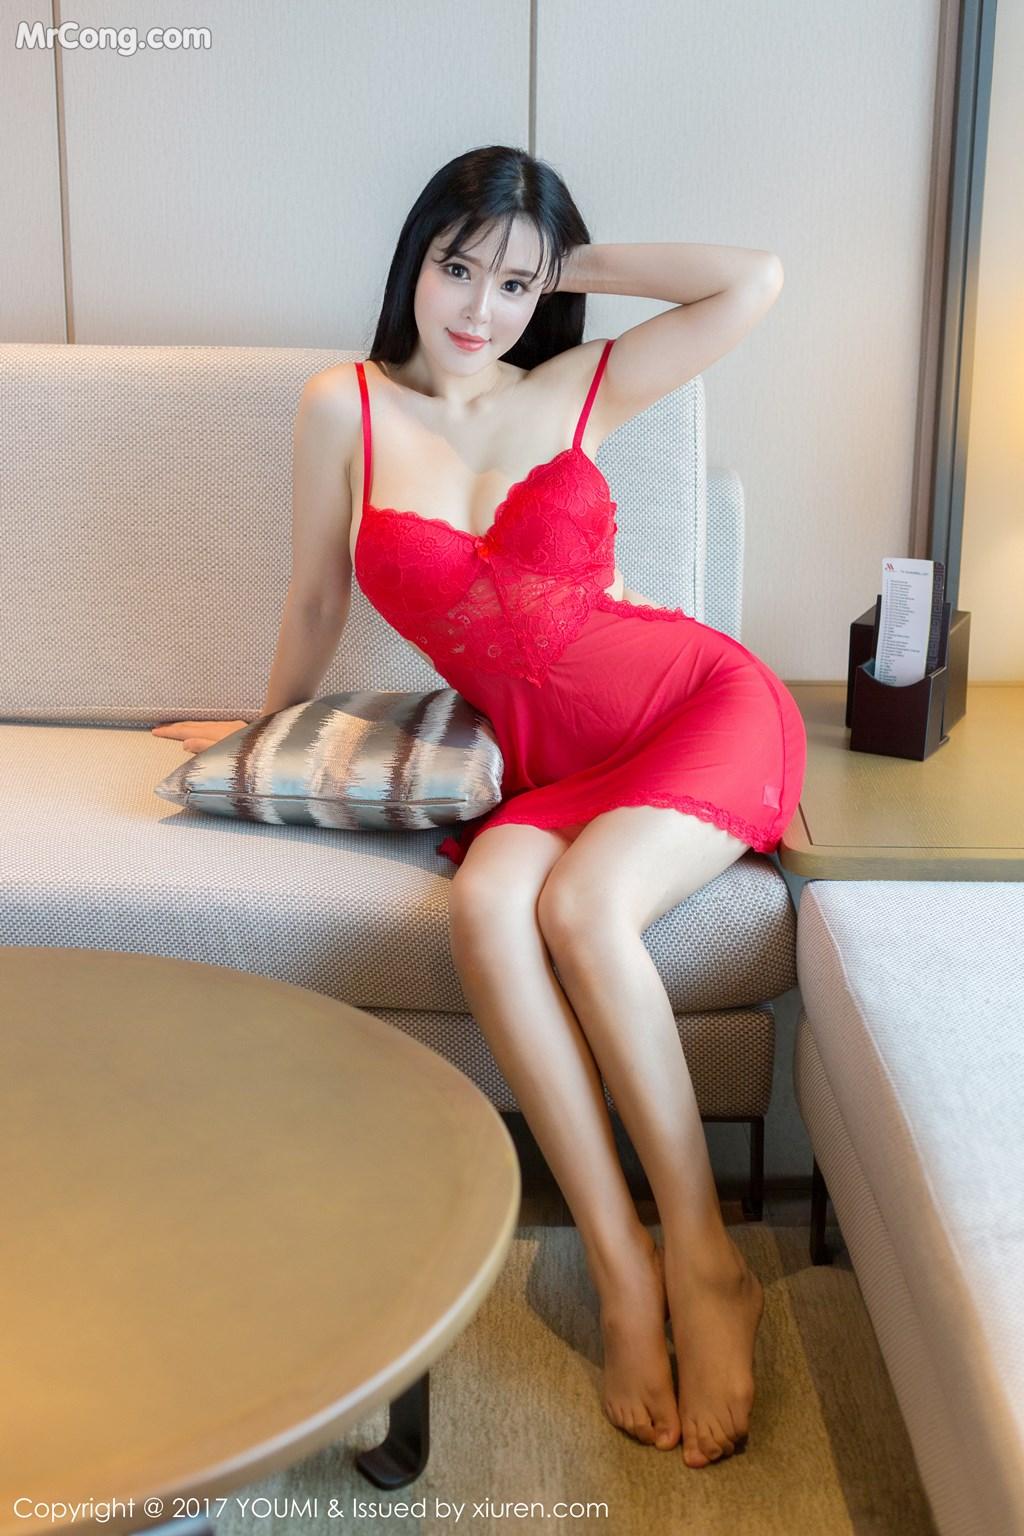 Image YouMi-Vol.064-Liu-Yu-Er-MrCong.com-005 in post YouMi Vol.064: Người mẫu Liu Yu Er (刘钰儿) (46 ảnh)